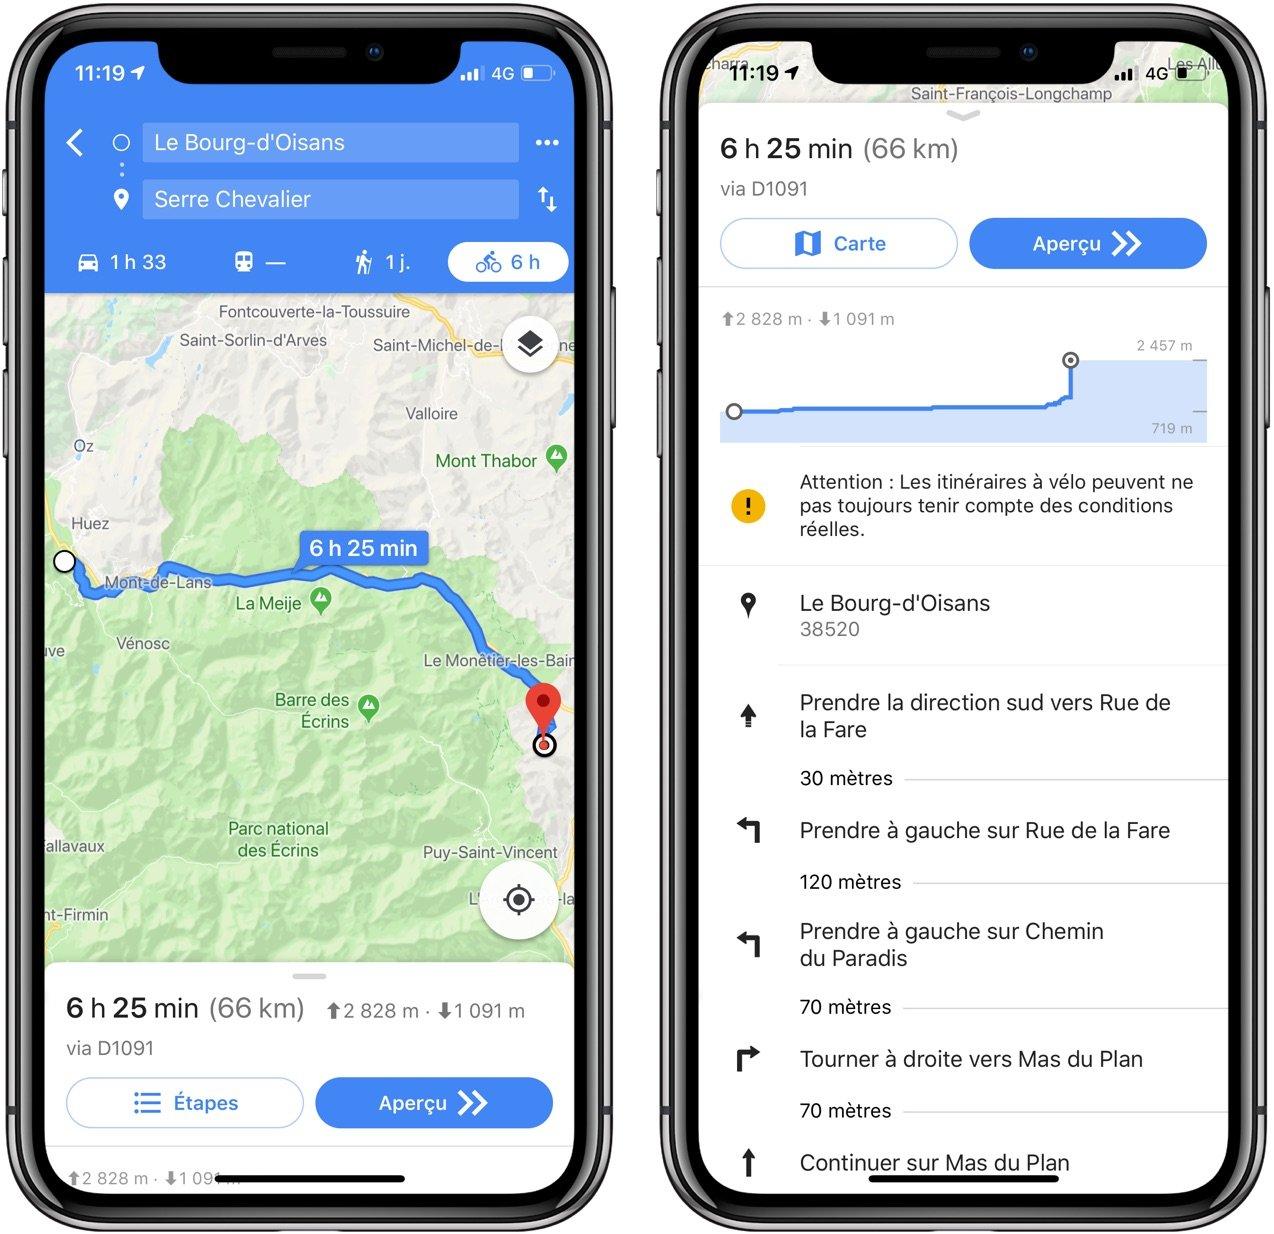 Itinéraires Google Maps à velo